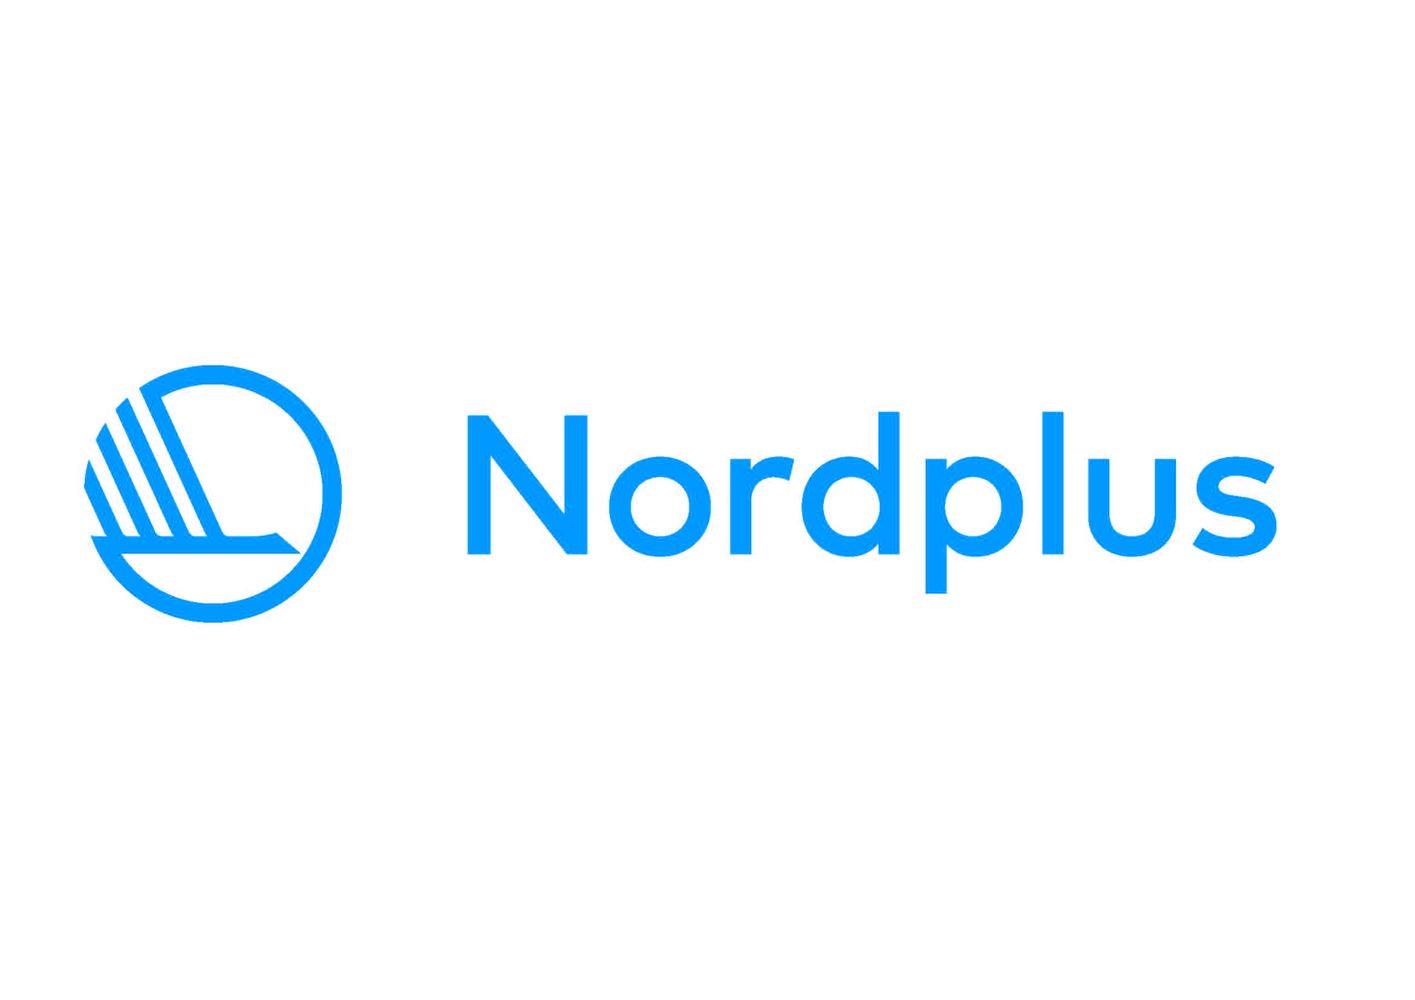 logo_nordplus.jpg